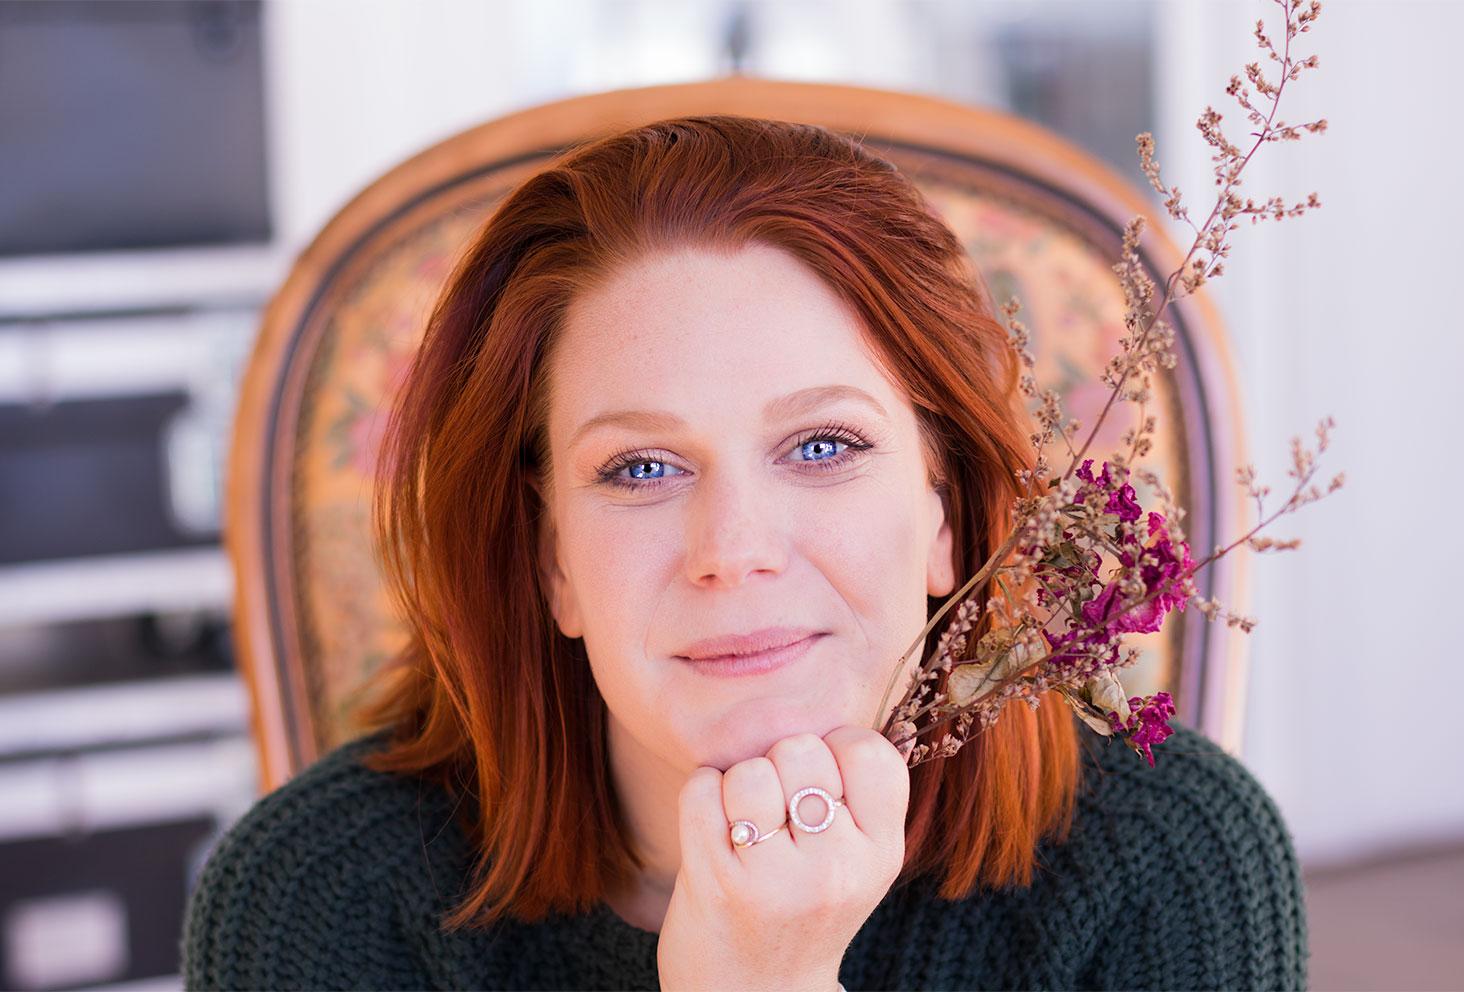 Cheveux roux et yeux bleus, make-up réalisé avec la palette Soft Glam d'Anastasia Beverly Hills, le menton dans la main avec un bouquet de fleurs sèches